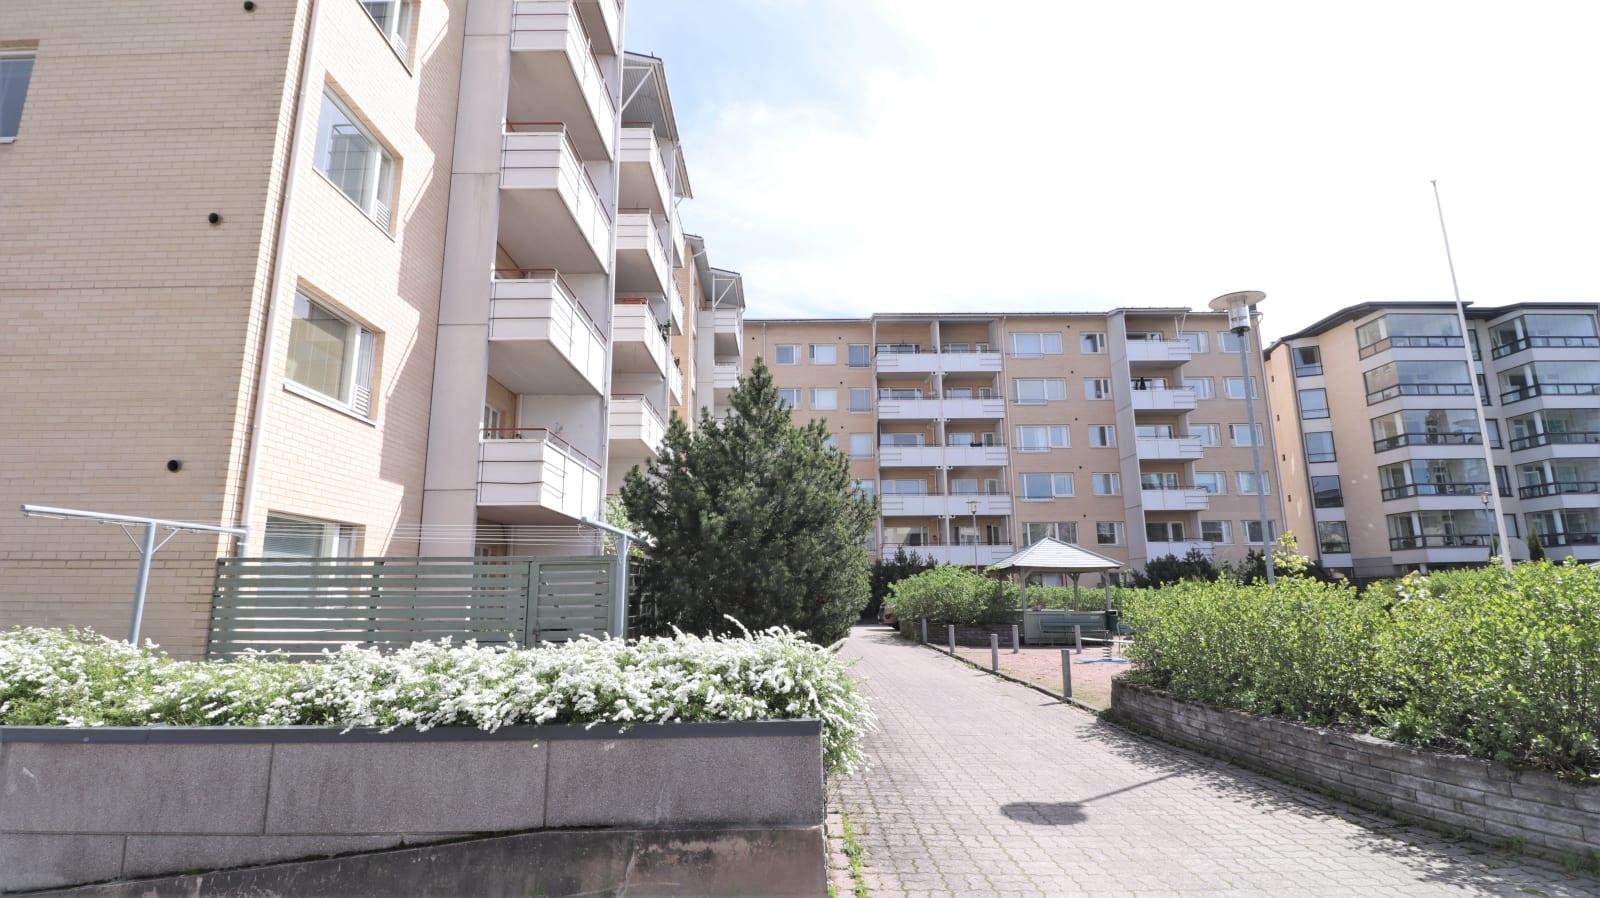 Turku, Martti, Tiilentekijänkatu 3b, Vilhonkatu 9